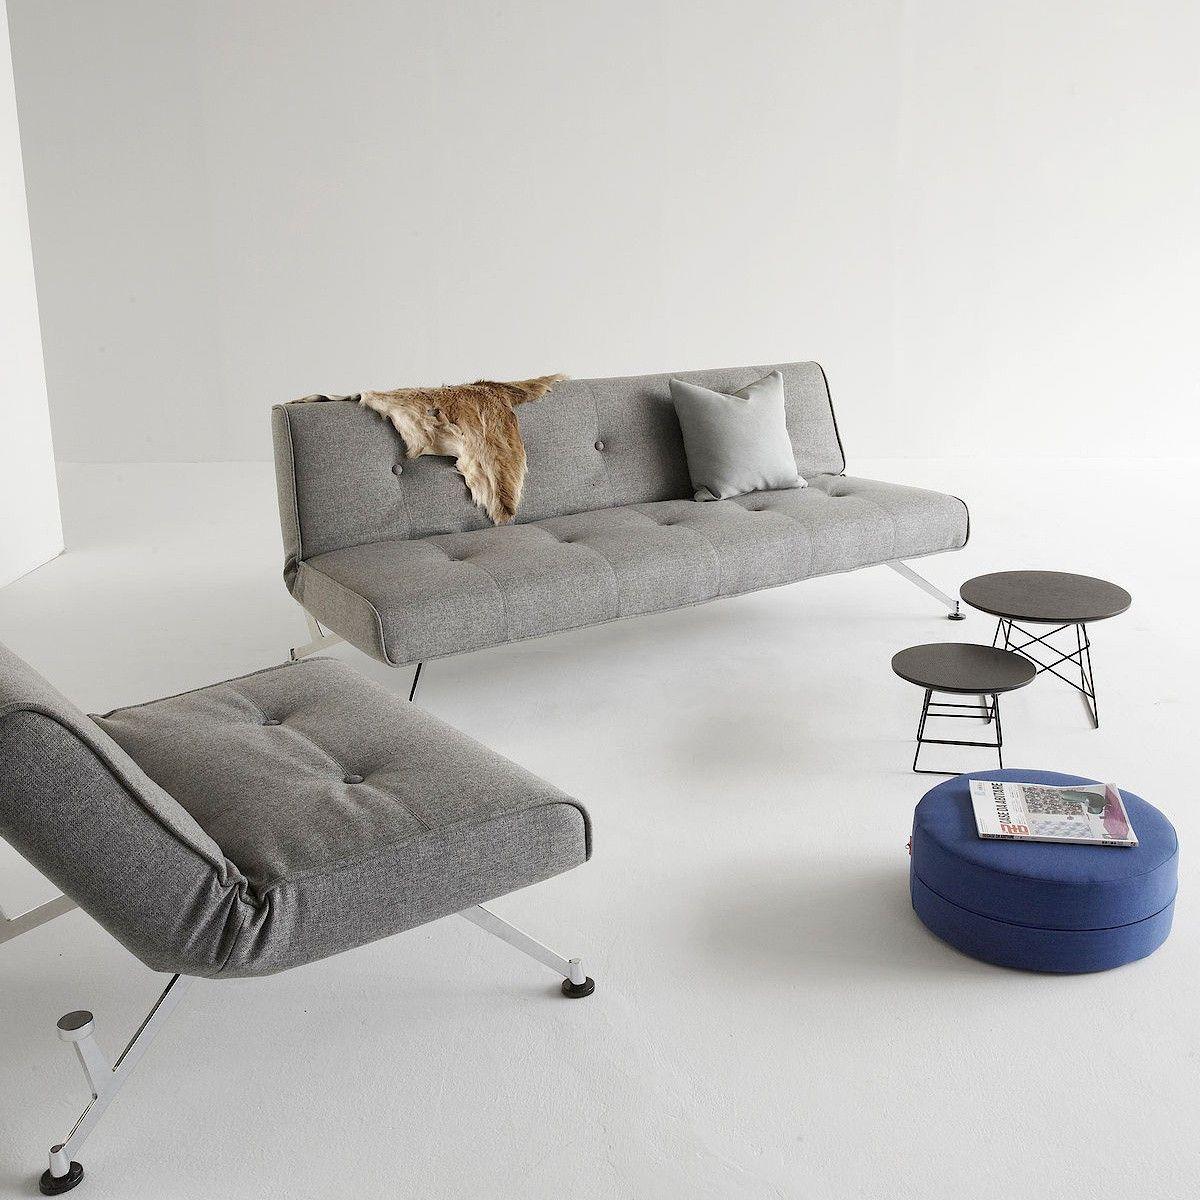 Divano letto design moderno scandinavo in ecopelle Clubber